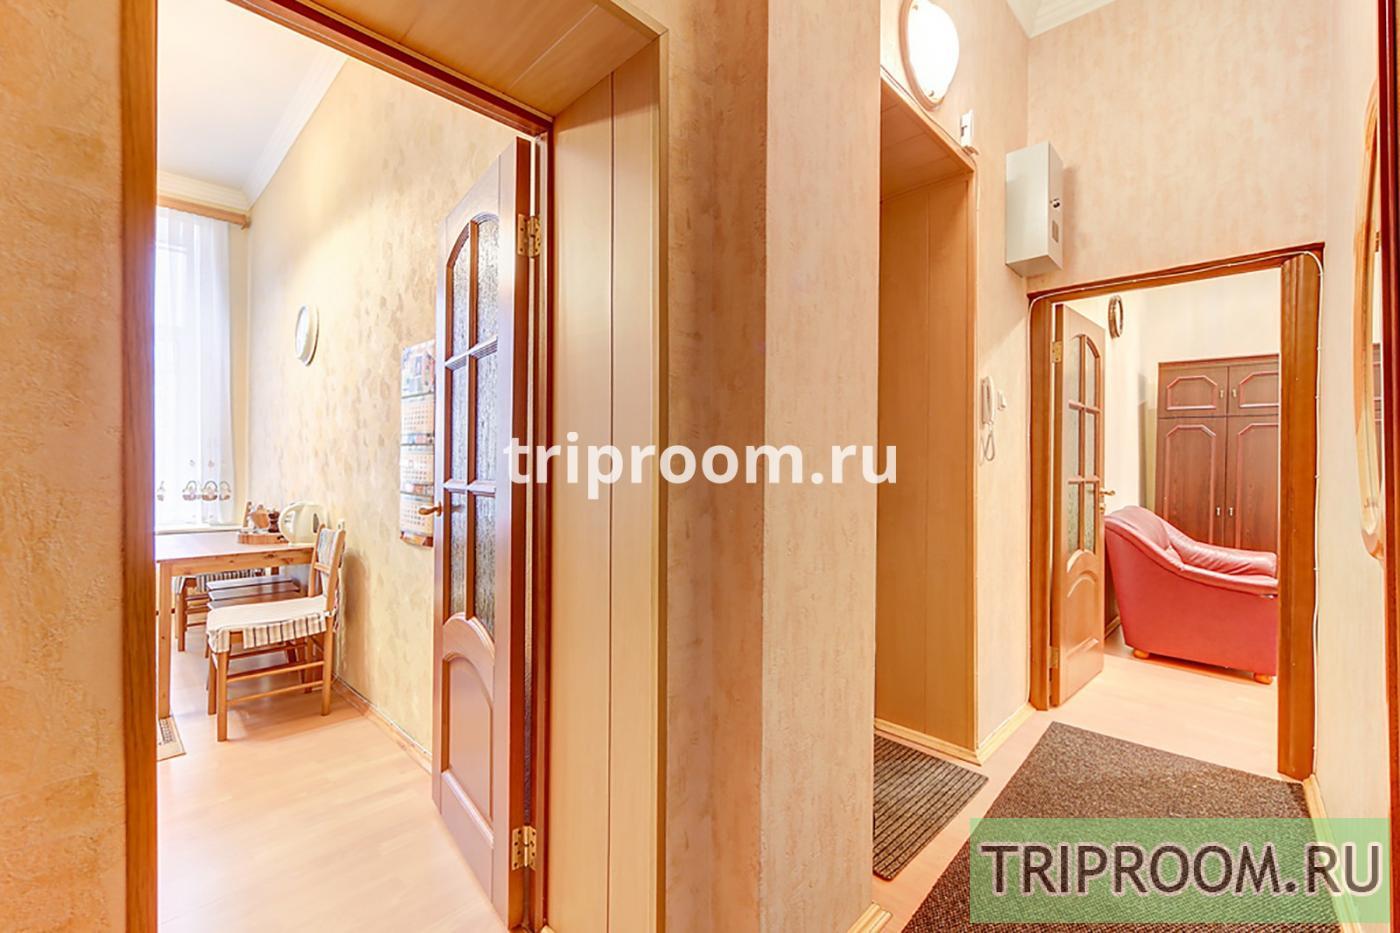 4-комнатная квартира посуточно (вариант № 20160), ул. Реки Мойки набережная, фото № 27